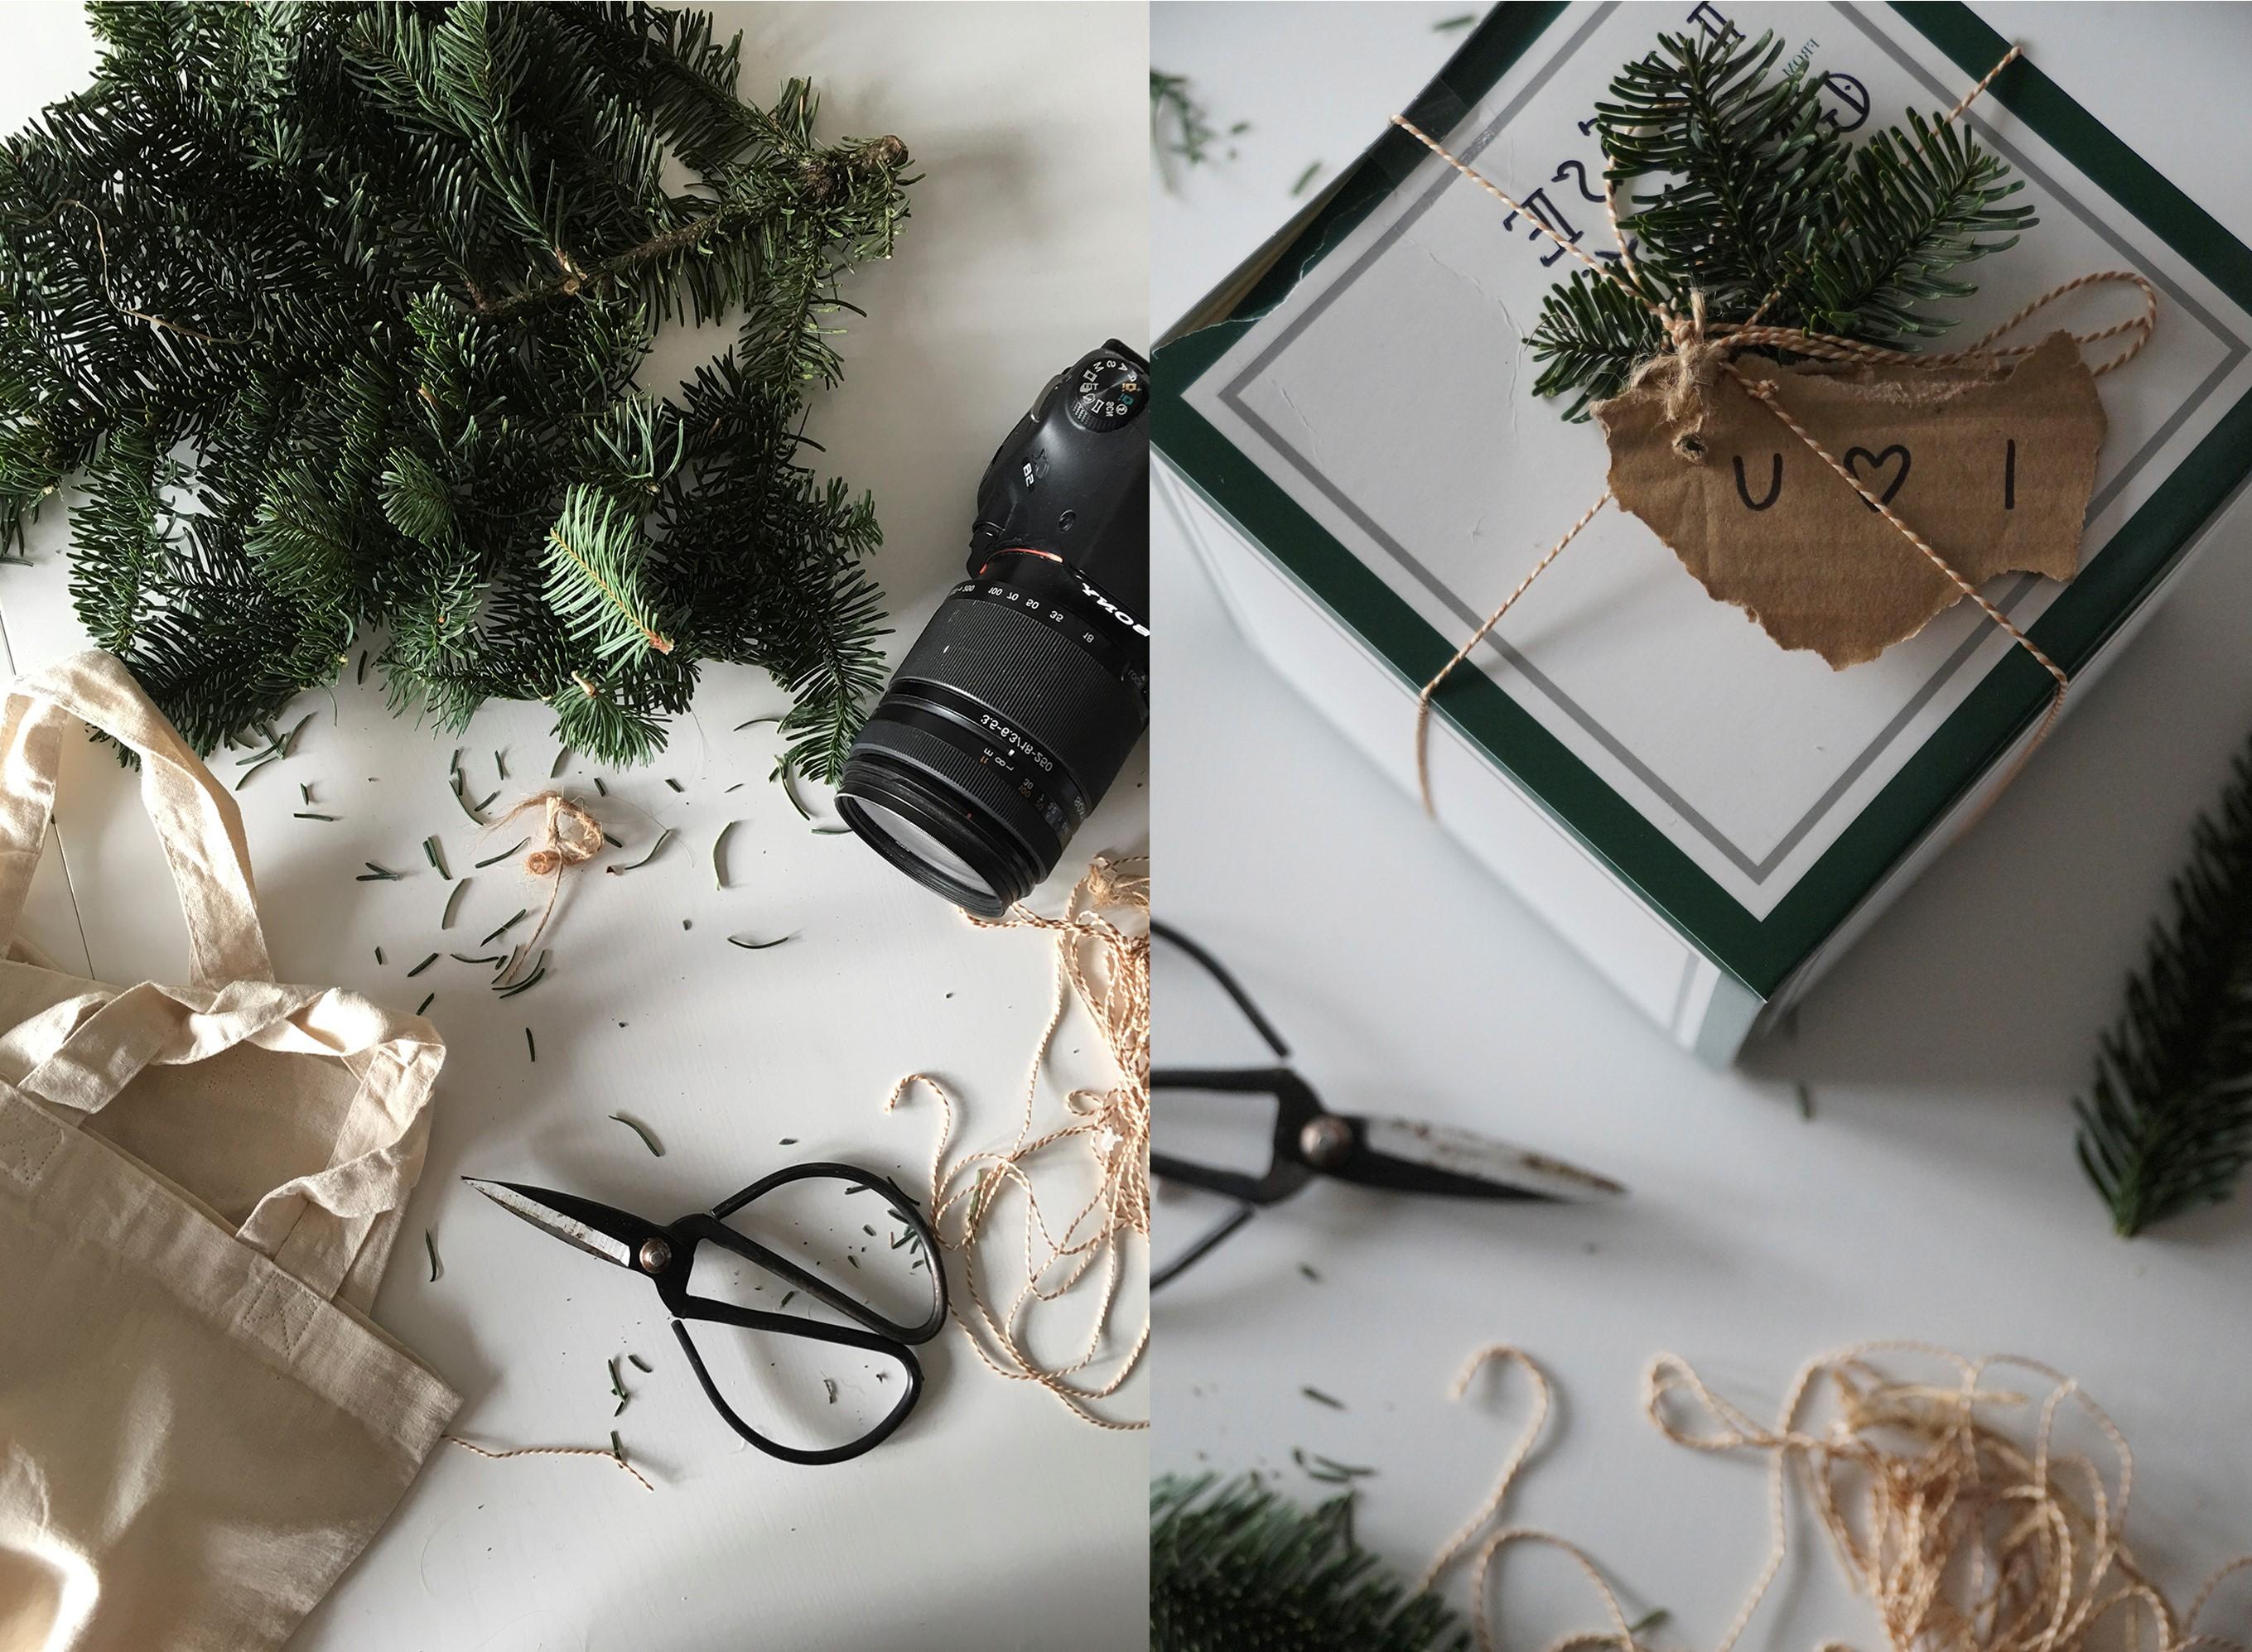 Noël zéro déchet: recyclez les vieilles lumières scintillantes.